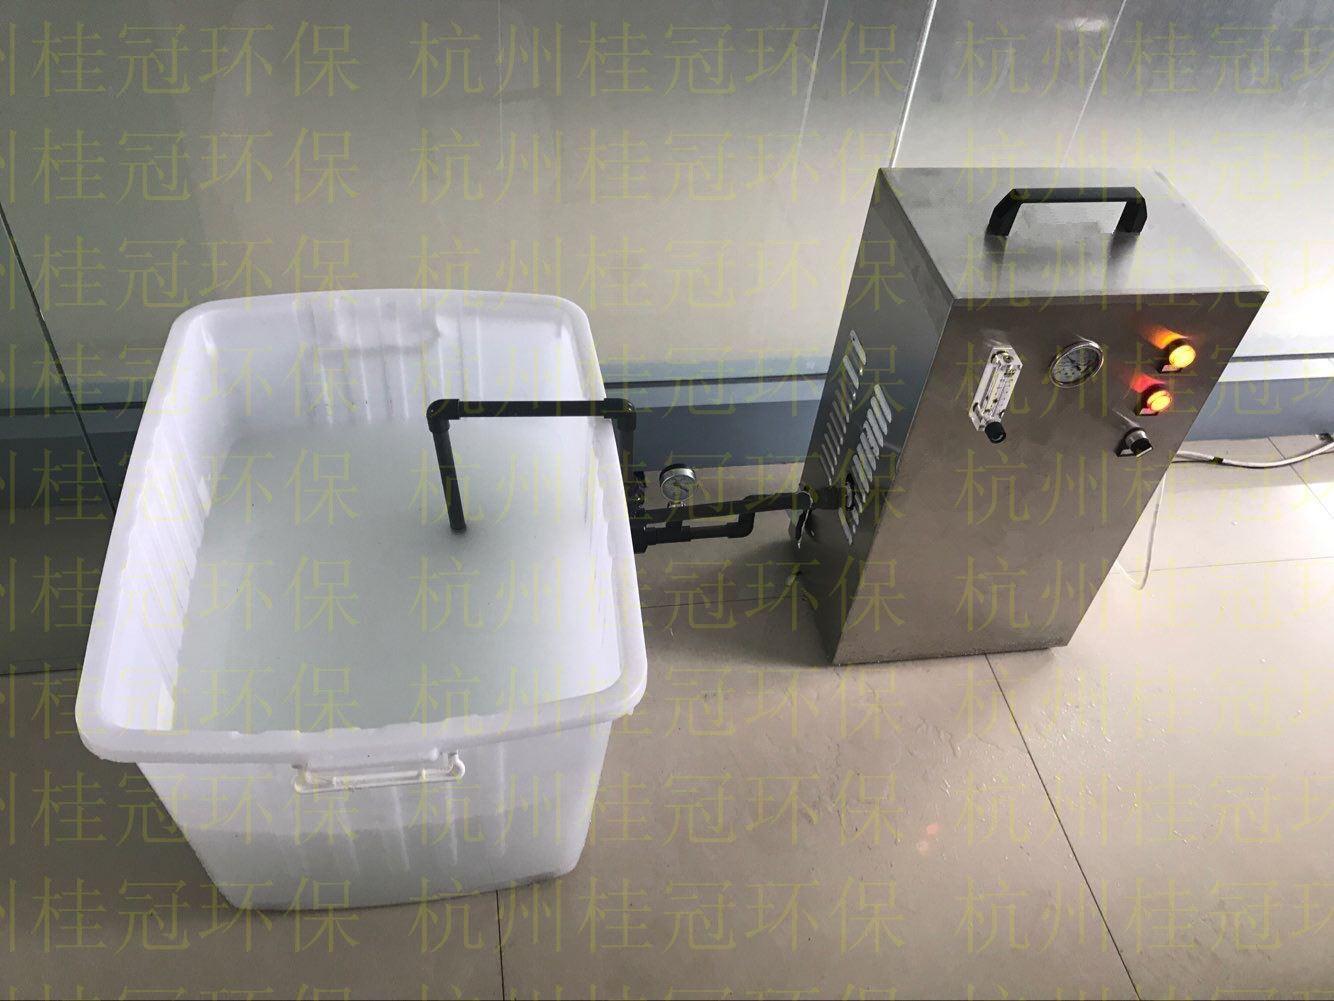 微纳米气泡牛奶浴|桑拿牛奶浴机